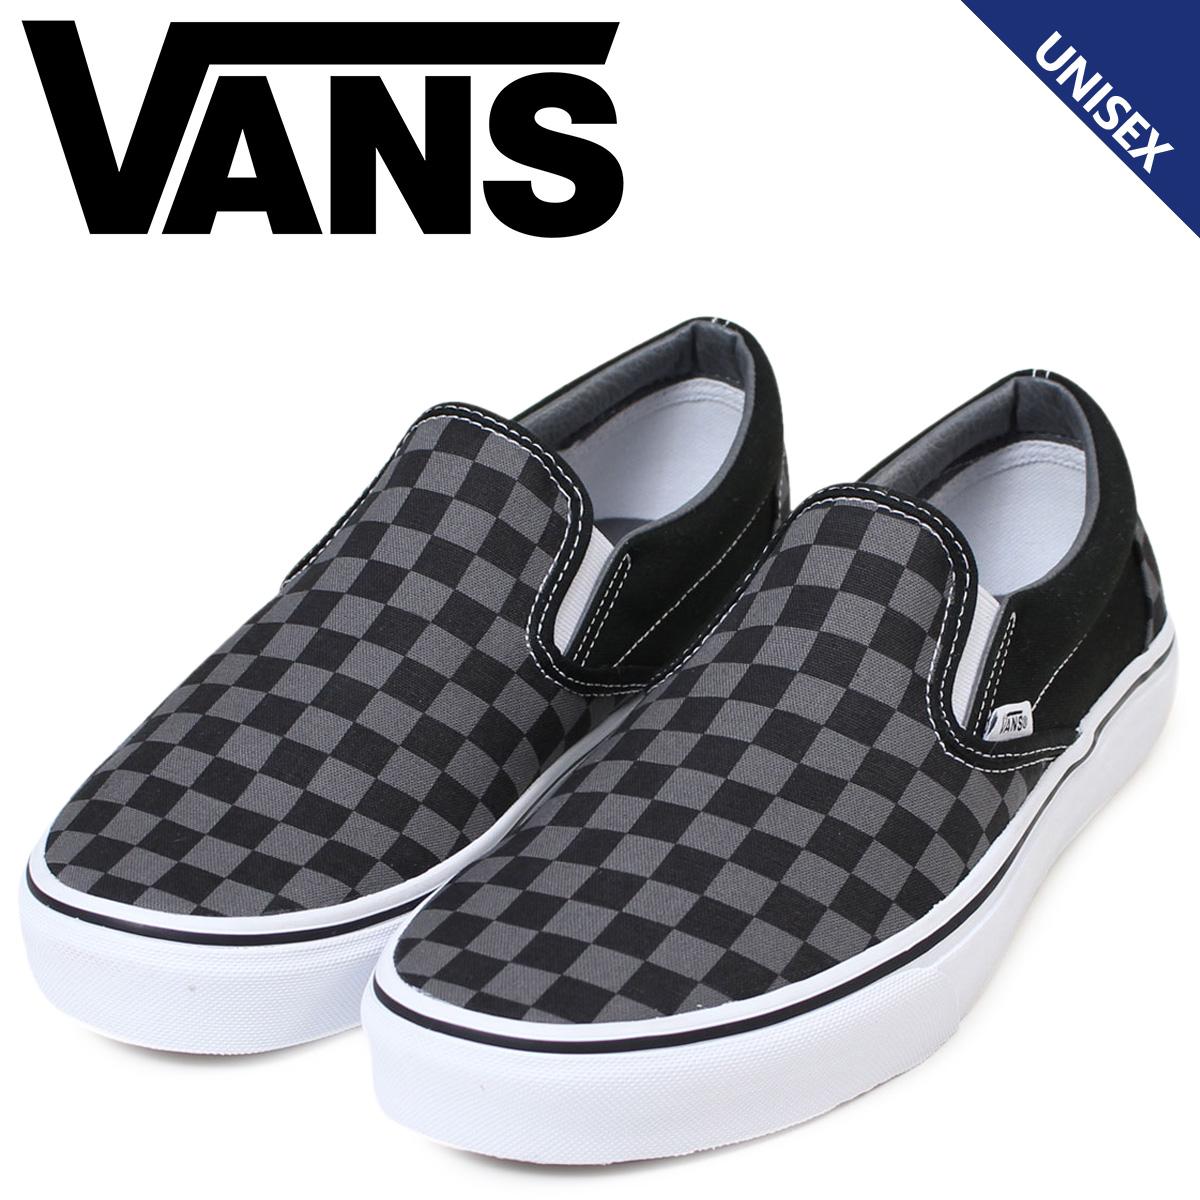 vans shop online